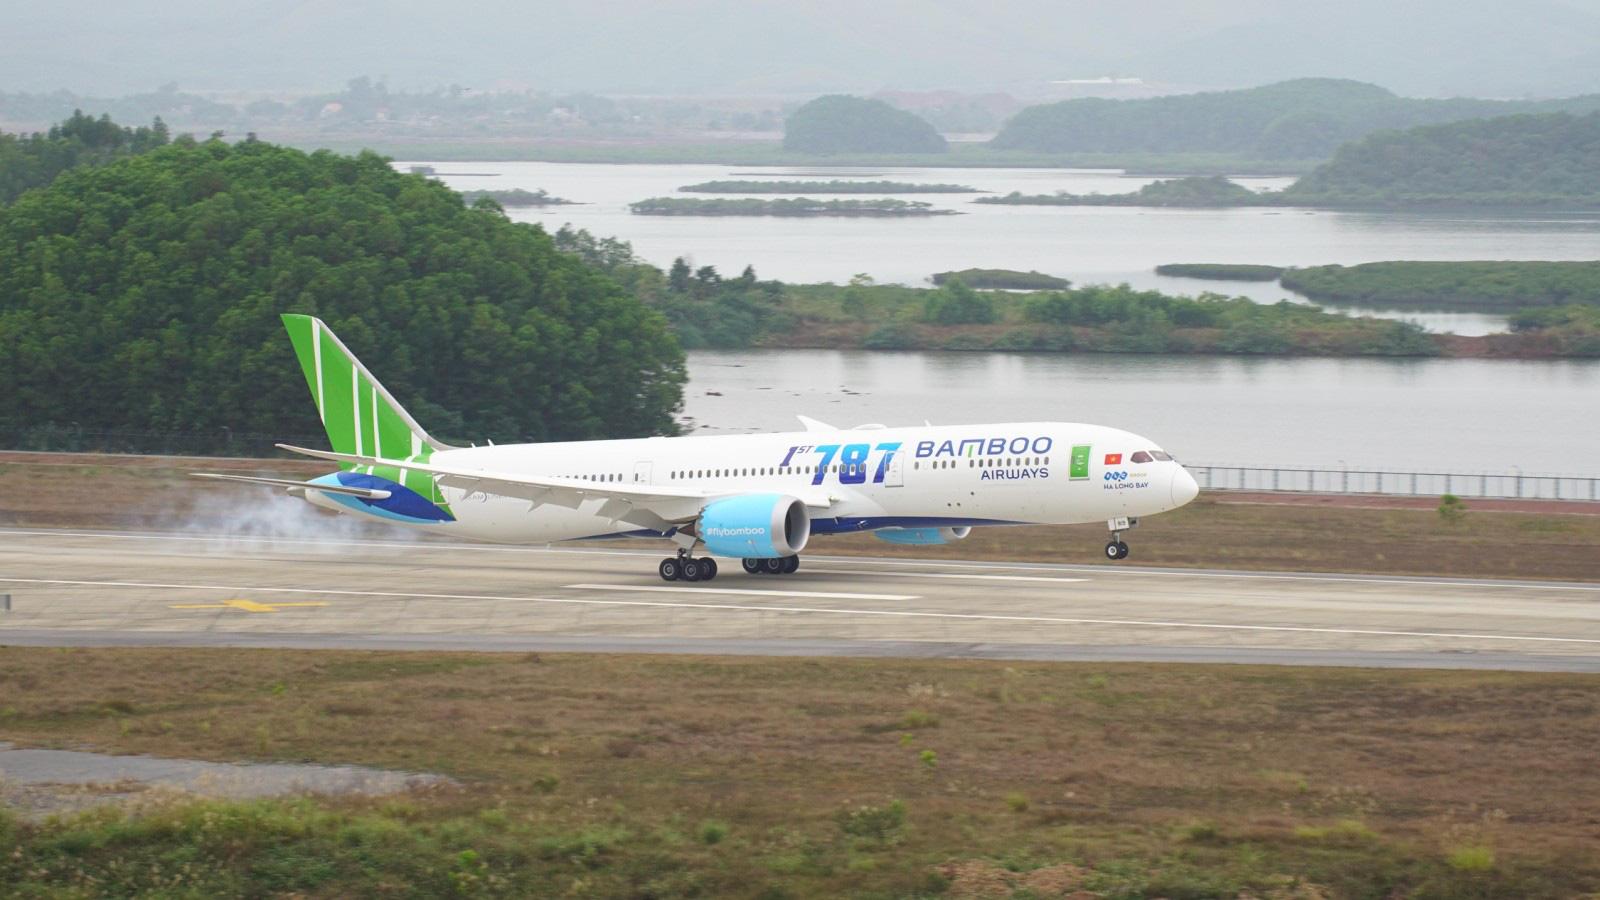 Bamboo Airways lãi trước thuế 400 tỷ đồng, thuộc số ít hãng bay trên thế giới có lợi nhuận năm 2020 - Ảnh 3.